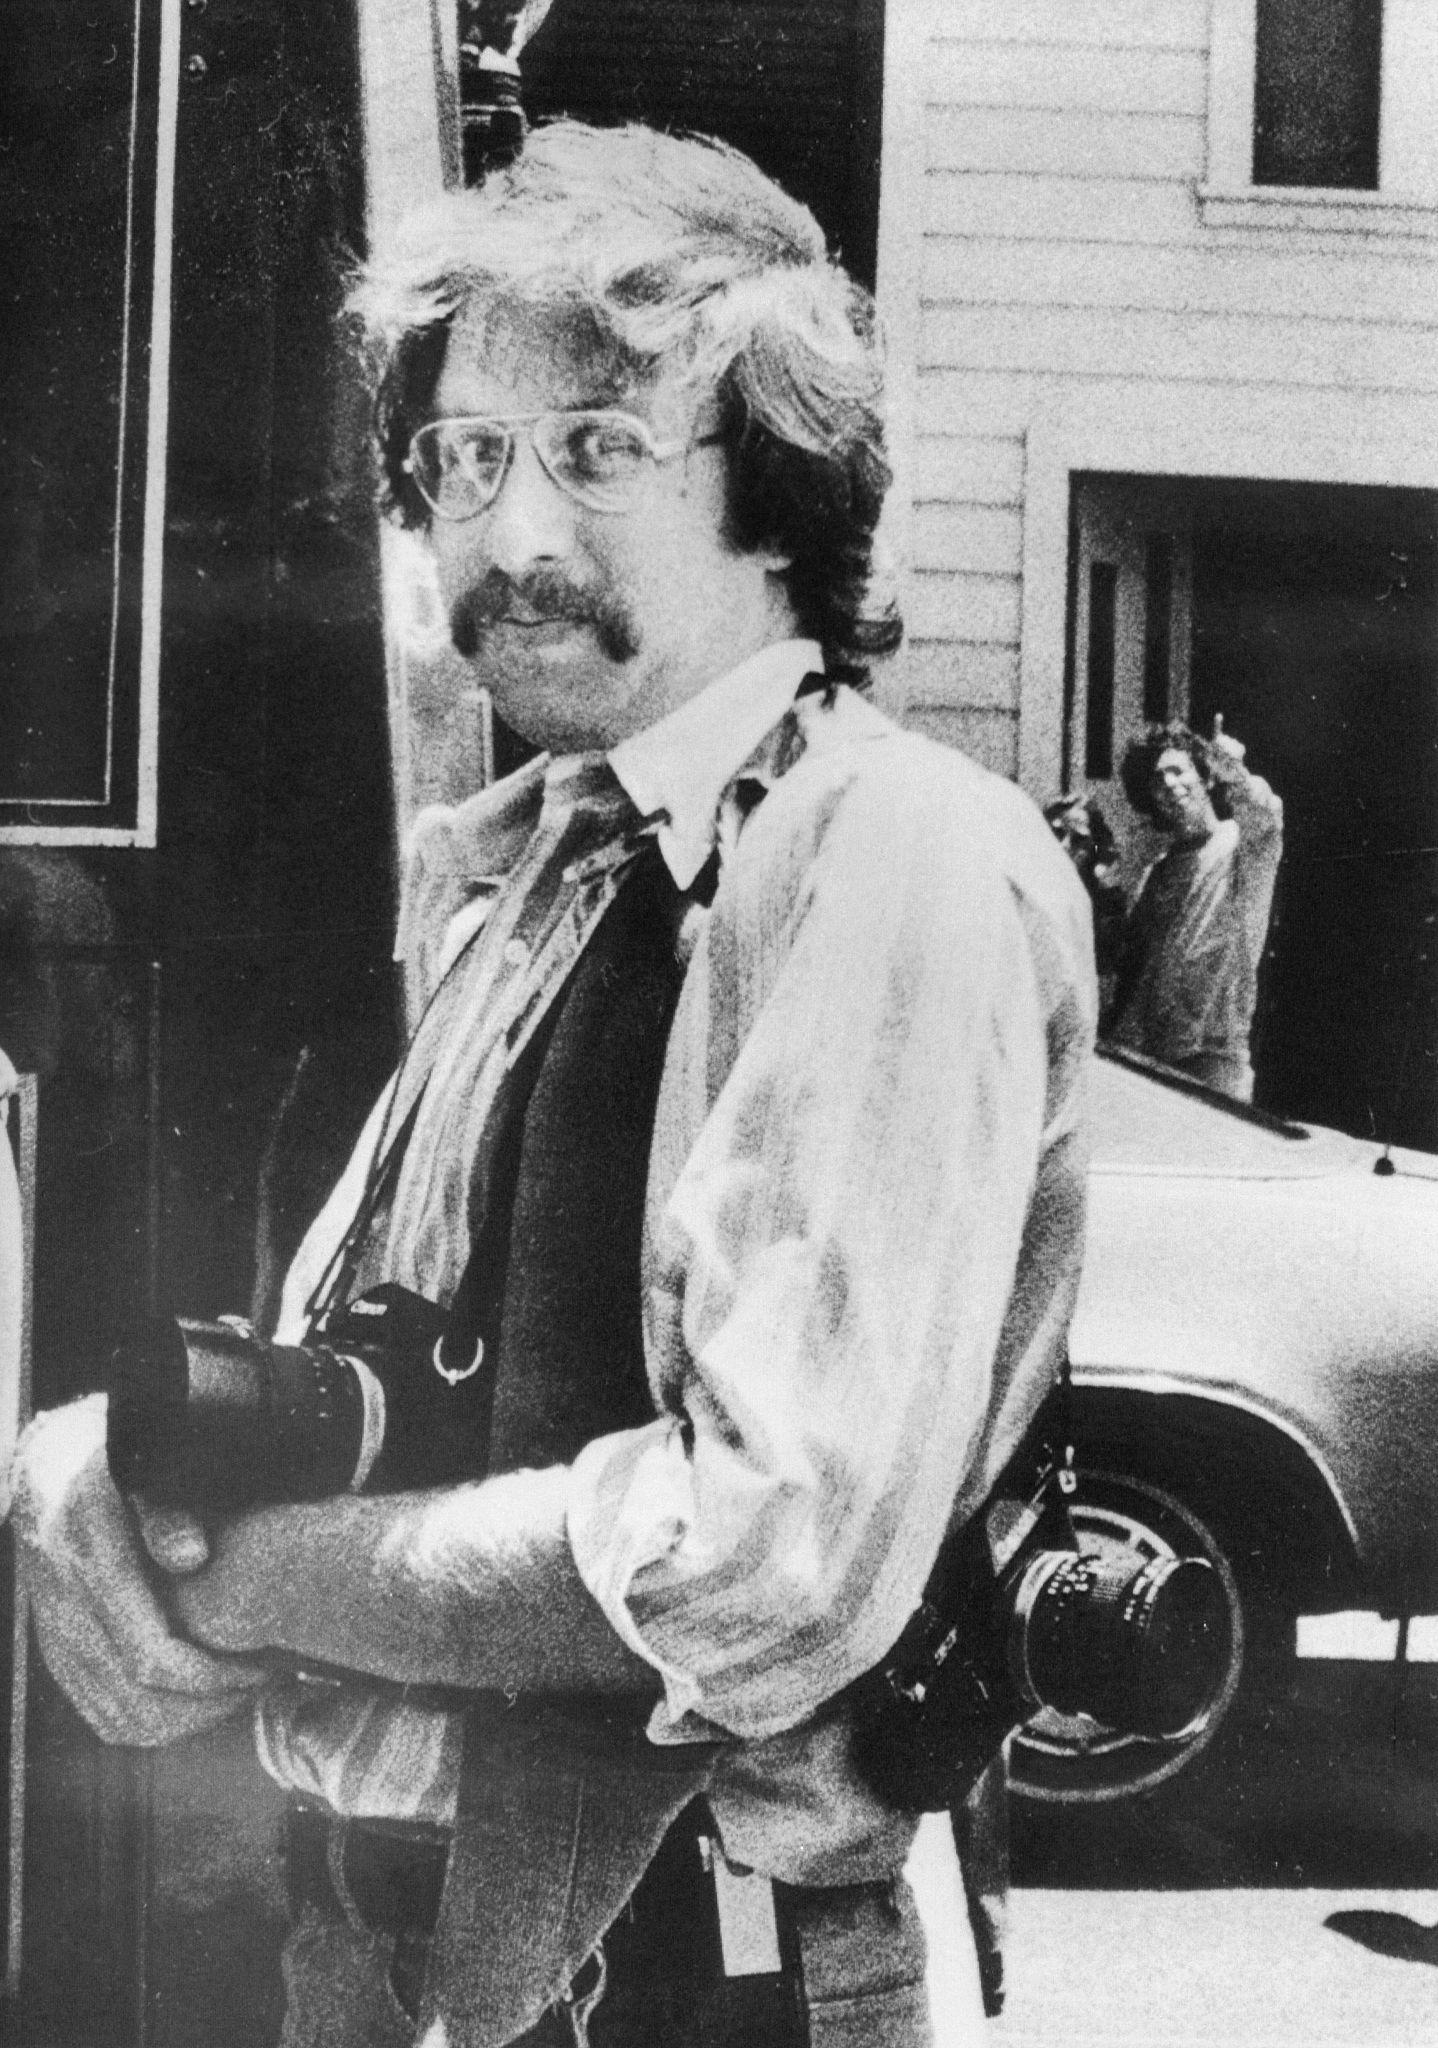 1978. Фотограф из Сан-Франциско Грег Робинсон был одним из пяти человек, убитых после нападения членов Народного храма в Гайане.jpg